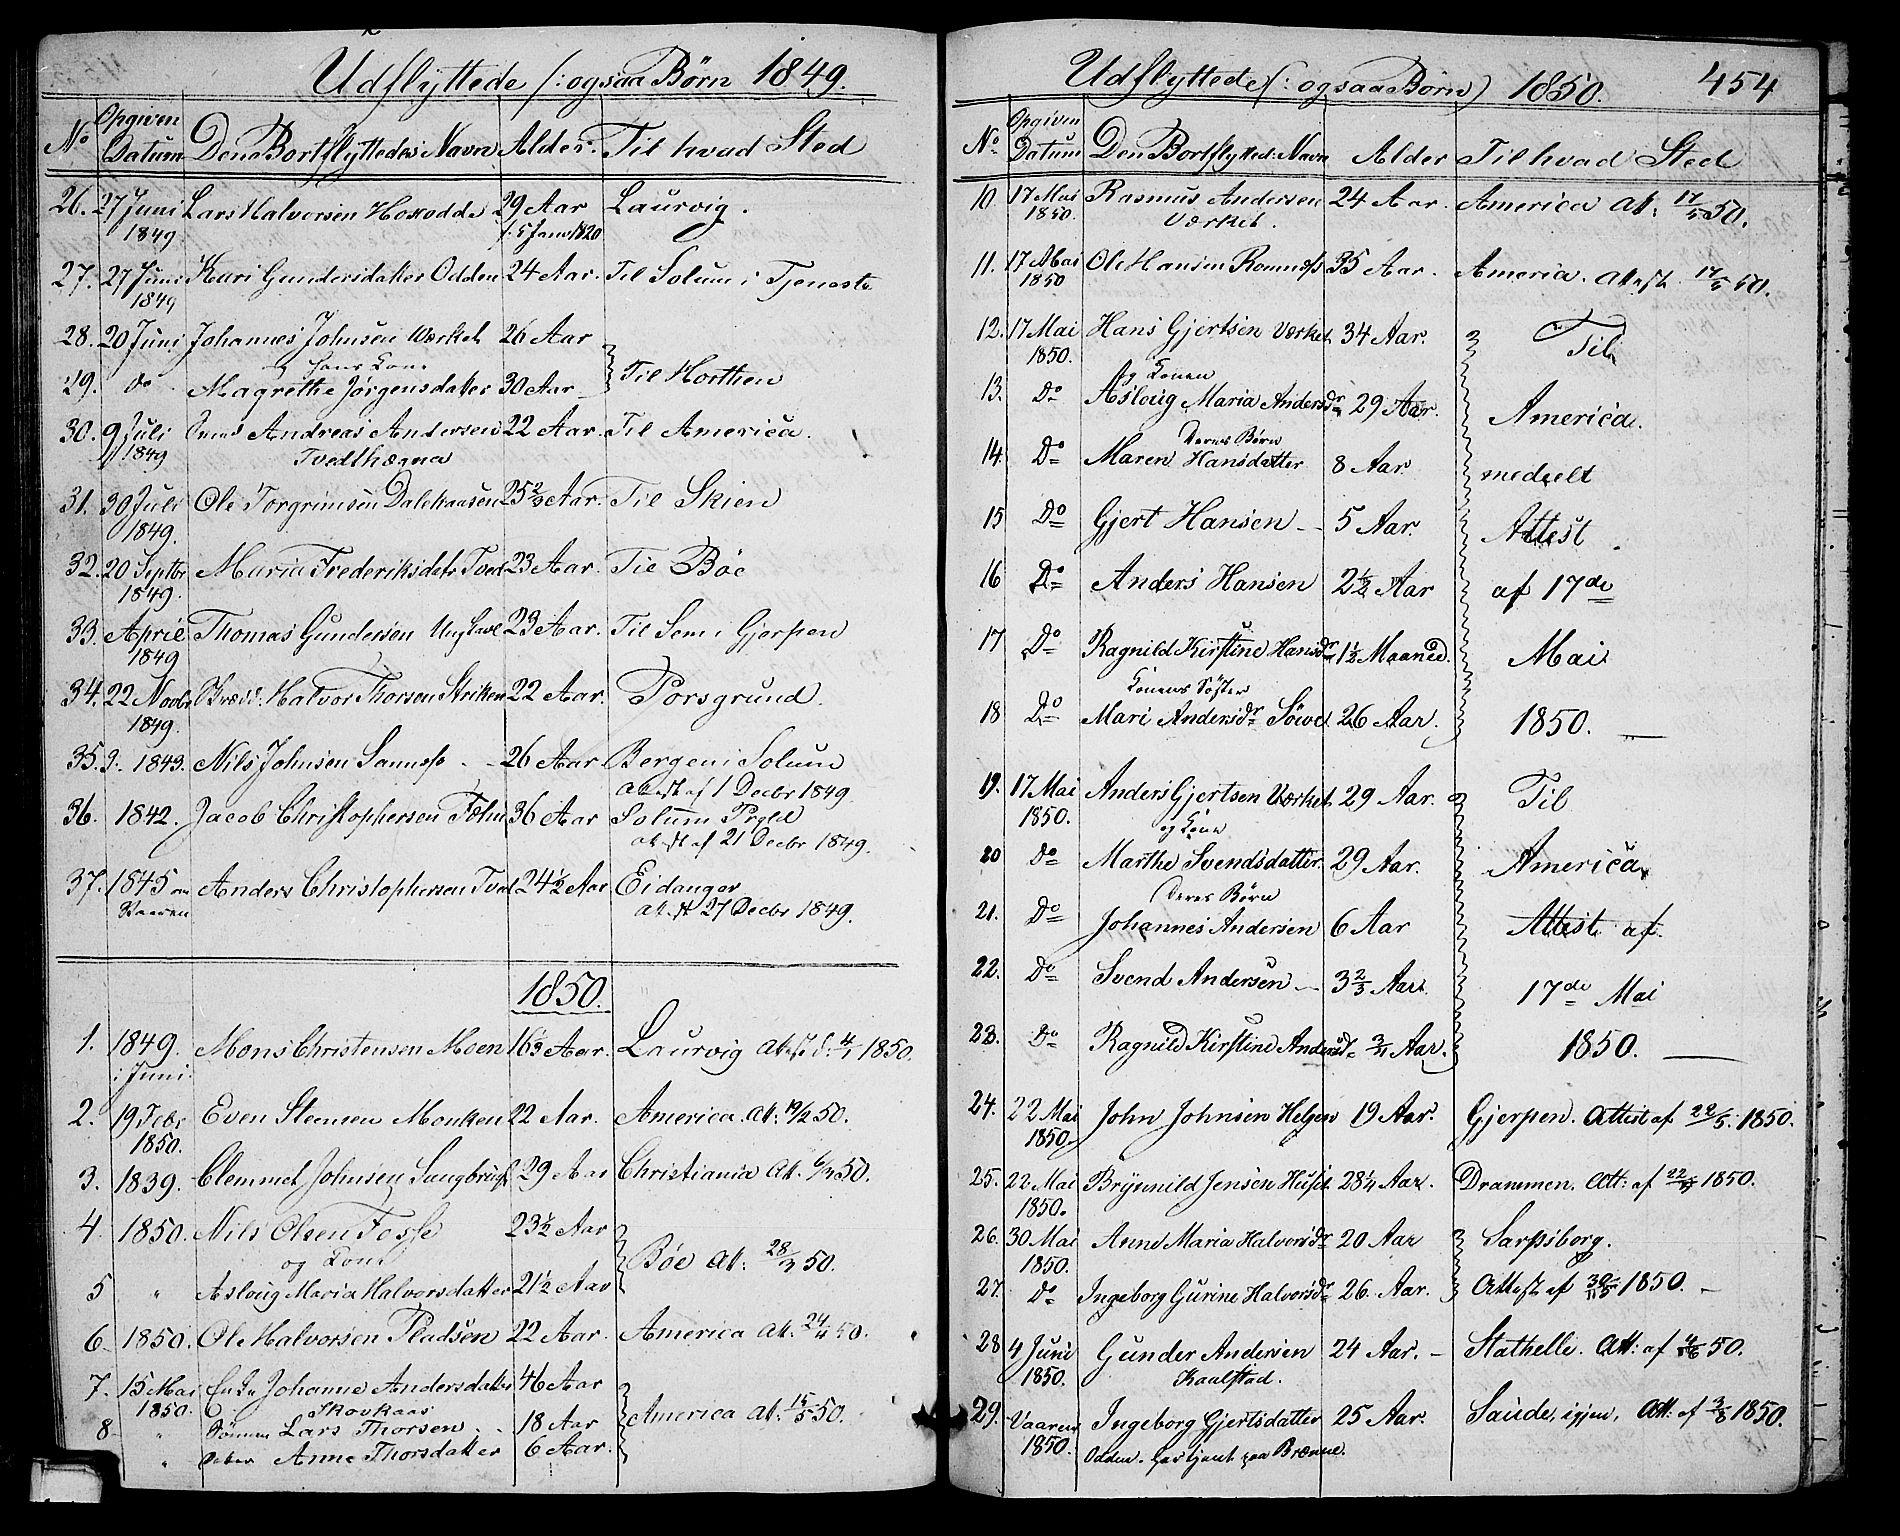 SAKO, Holla kirkebøker, G/Ga/L0003: Klokkerbok nr. I 3, 1849-1866, s. 454